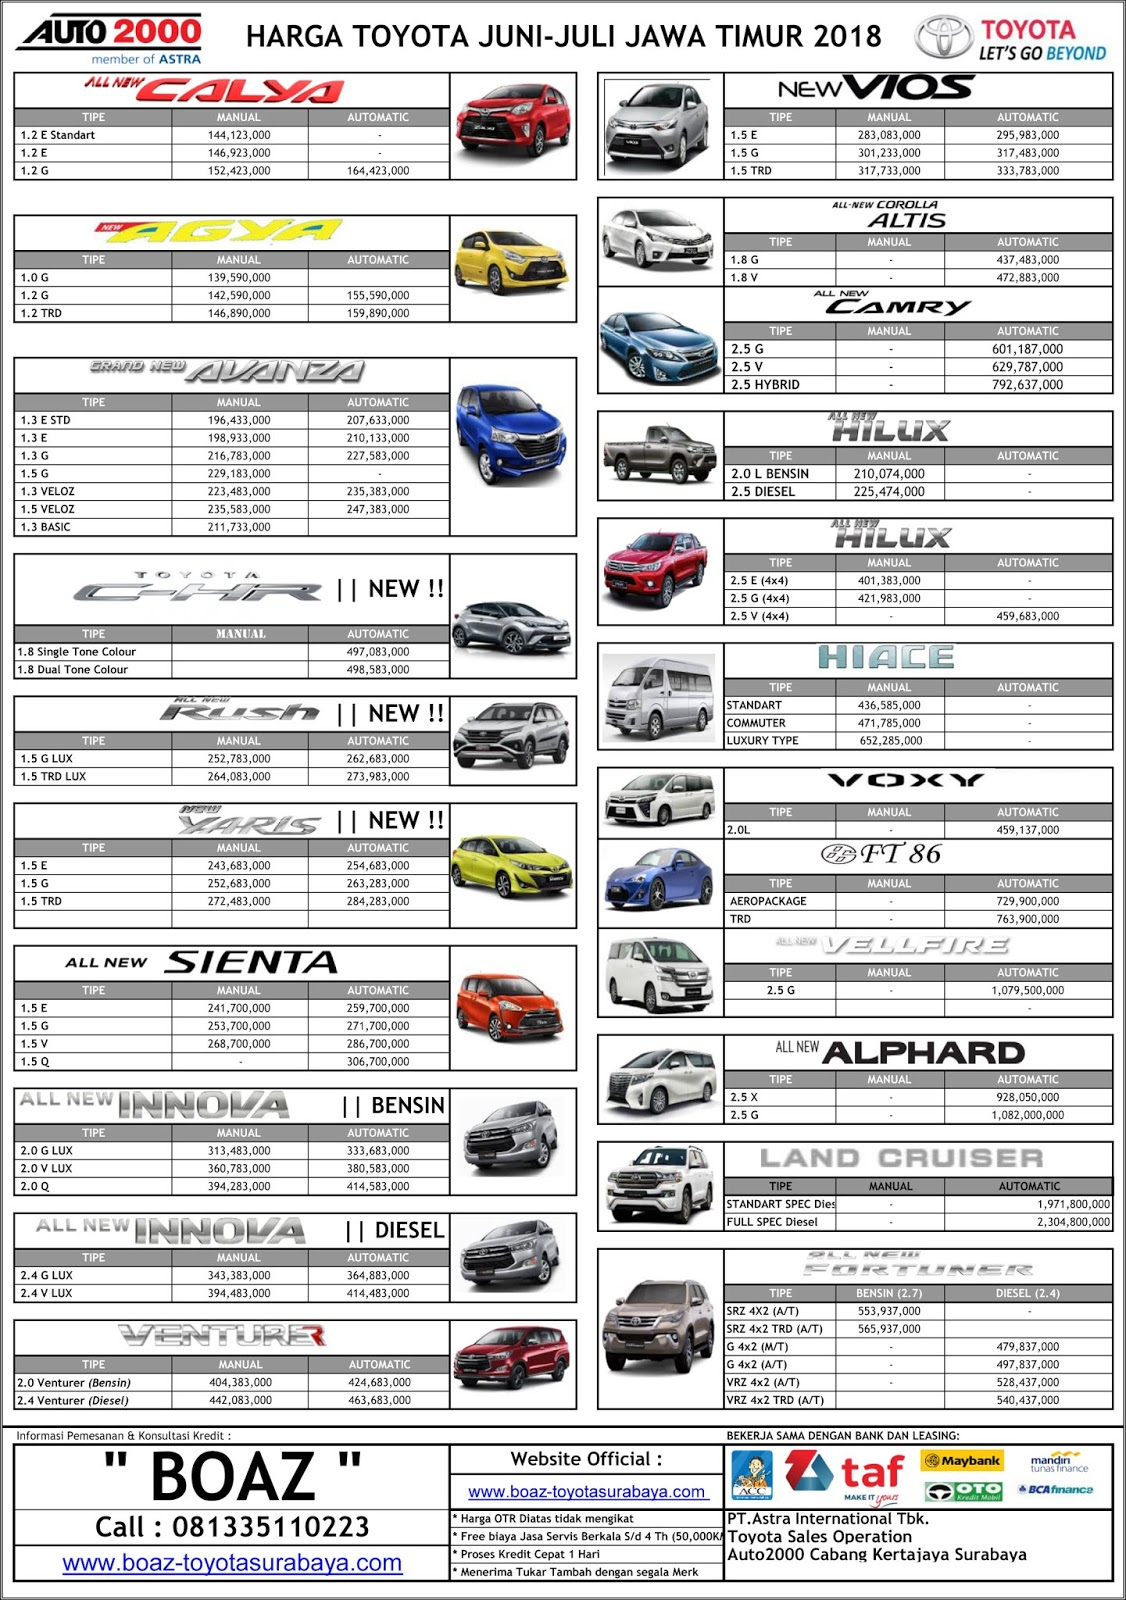 Kelebihan Daftar Harga Toyota Murah Berkualitas